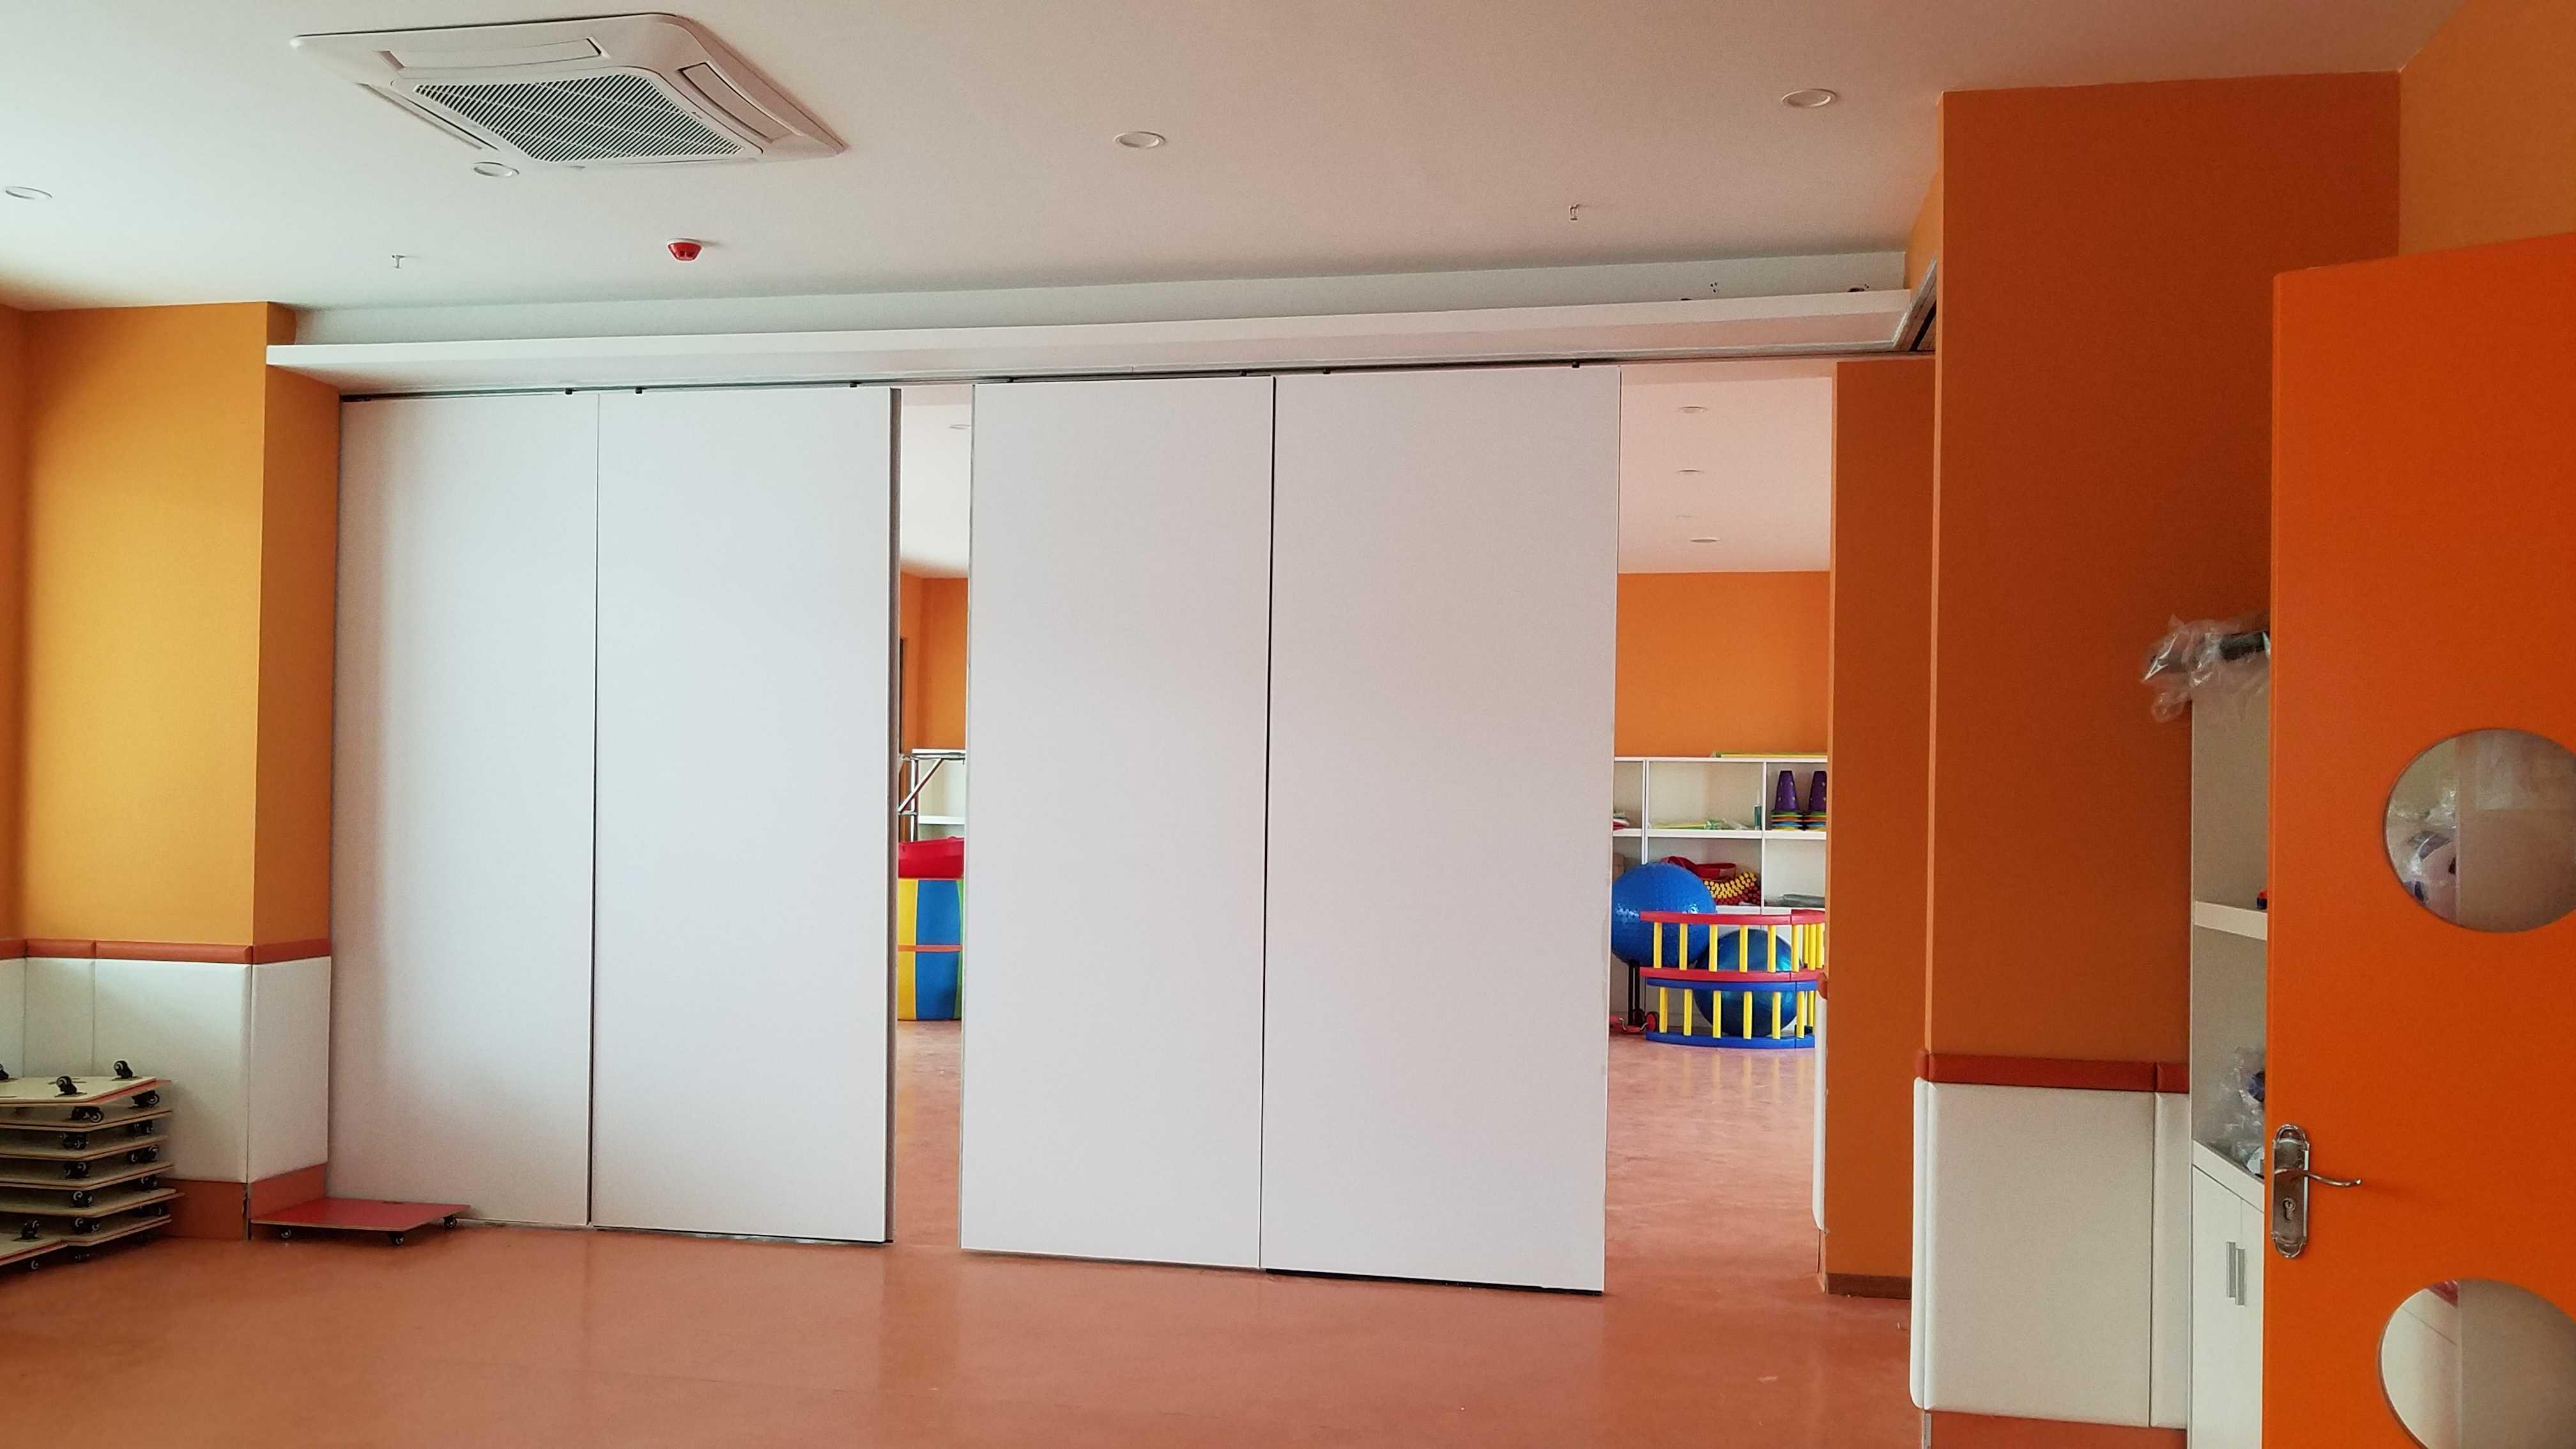 儿童艺术培训室活动隔断